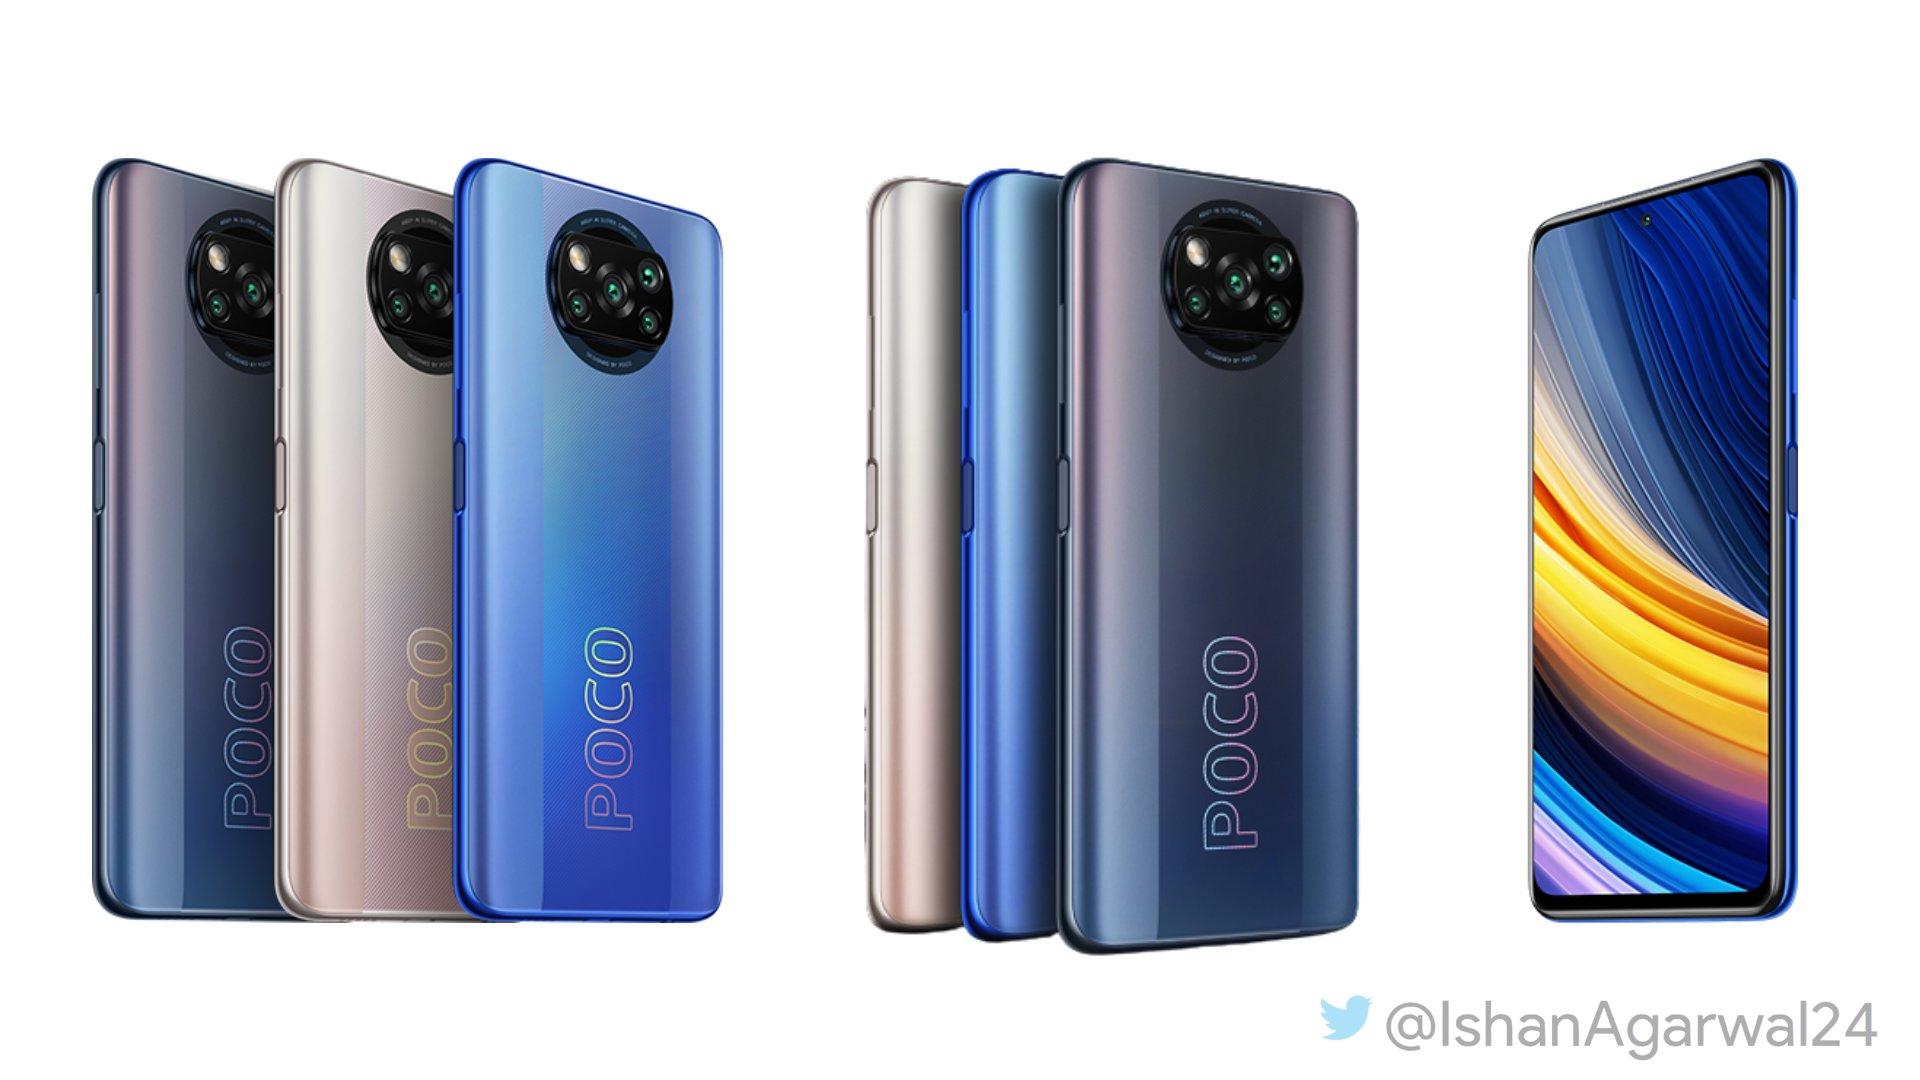 Así sería el diseño del POCO X3 Pro según los últimos renders filtrados. Noticias Xiaomi Adictos